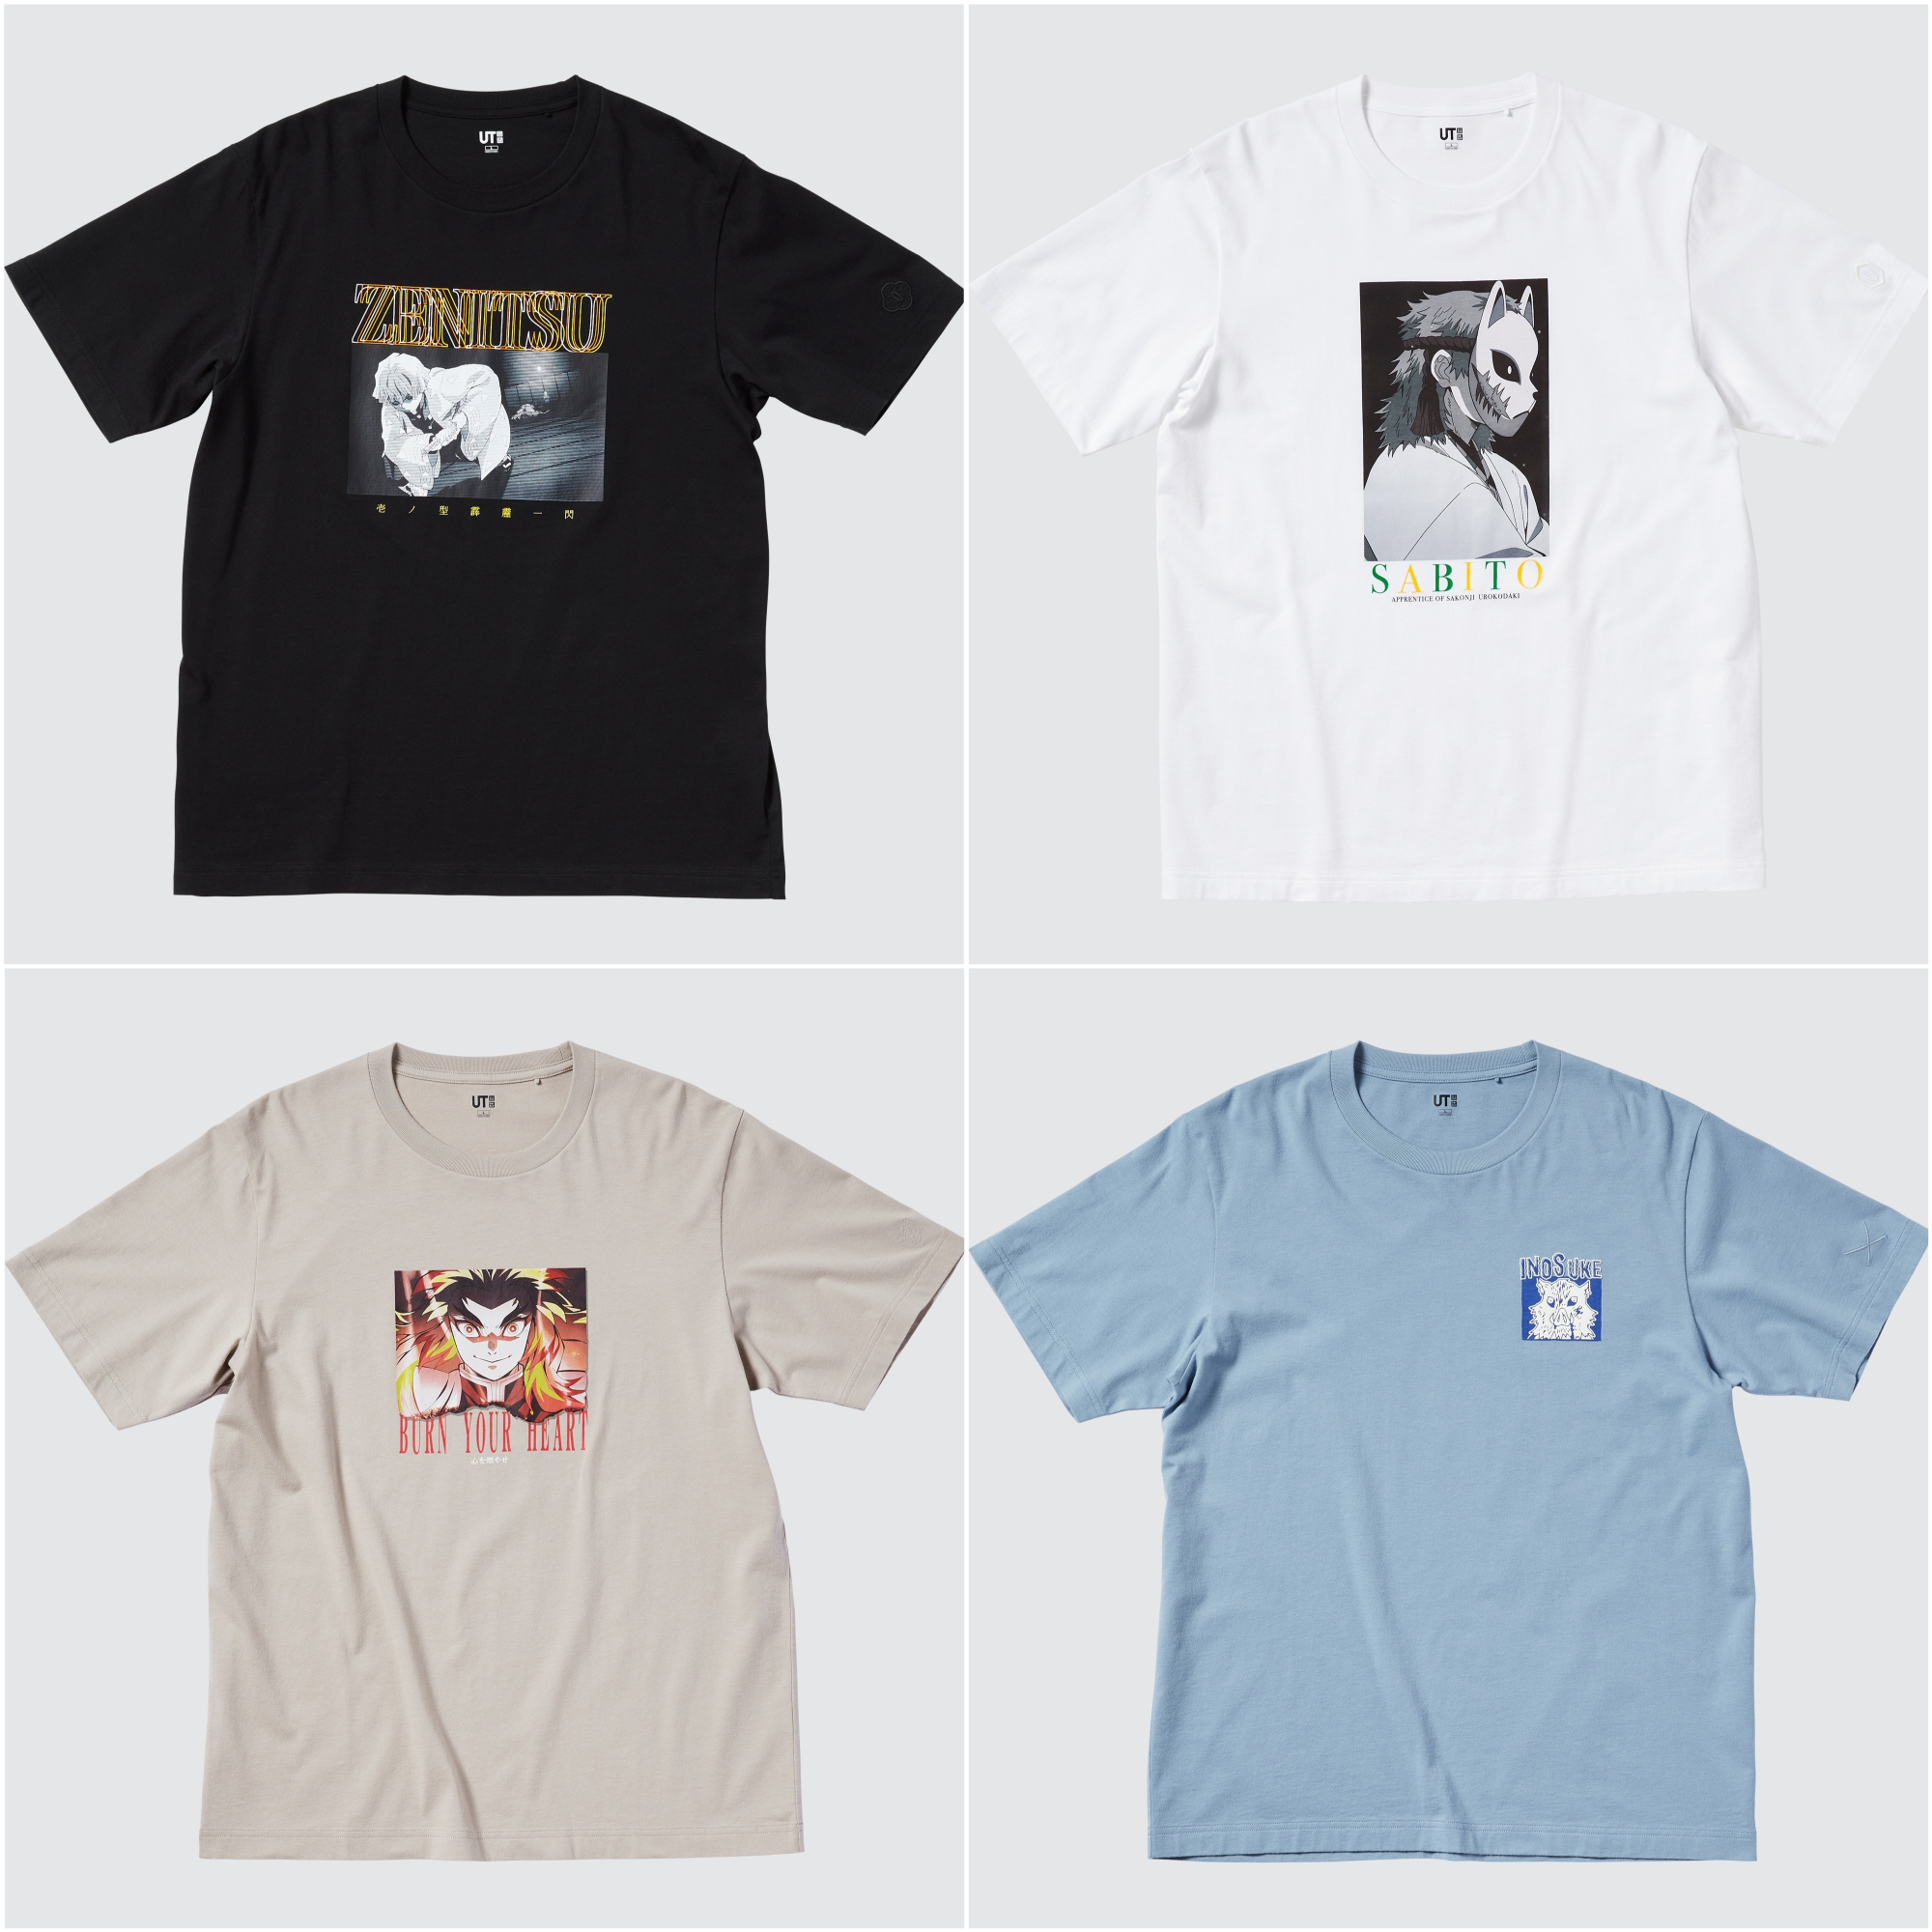 【ユニクロ&GU】『鬼滅の刃』コラボ7/22(木)同時発売! 大人気のパジャマも展開 PhotoGallery_1_2